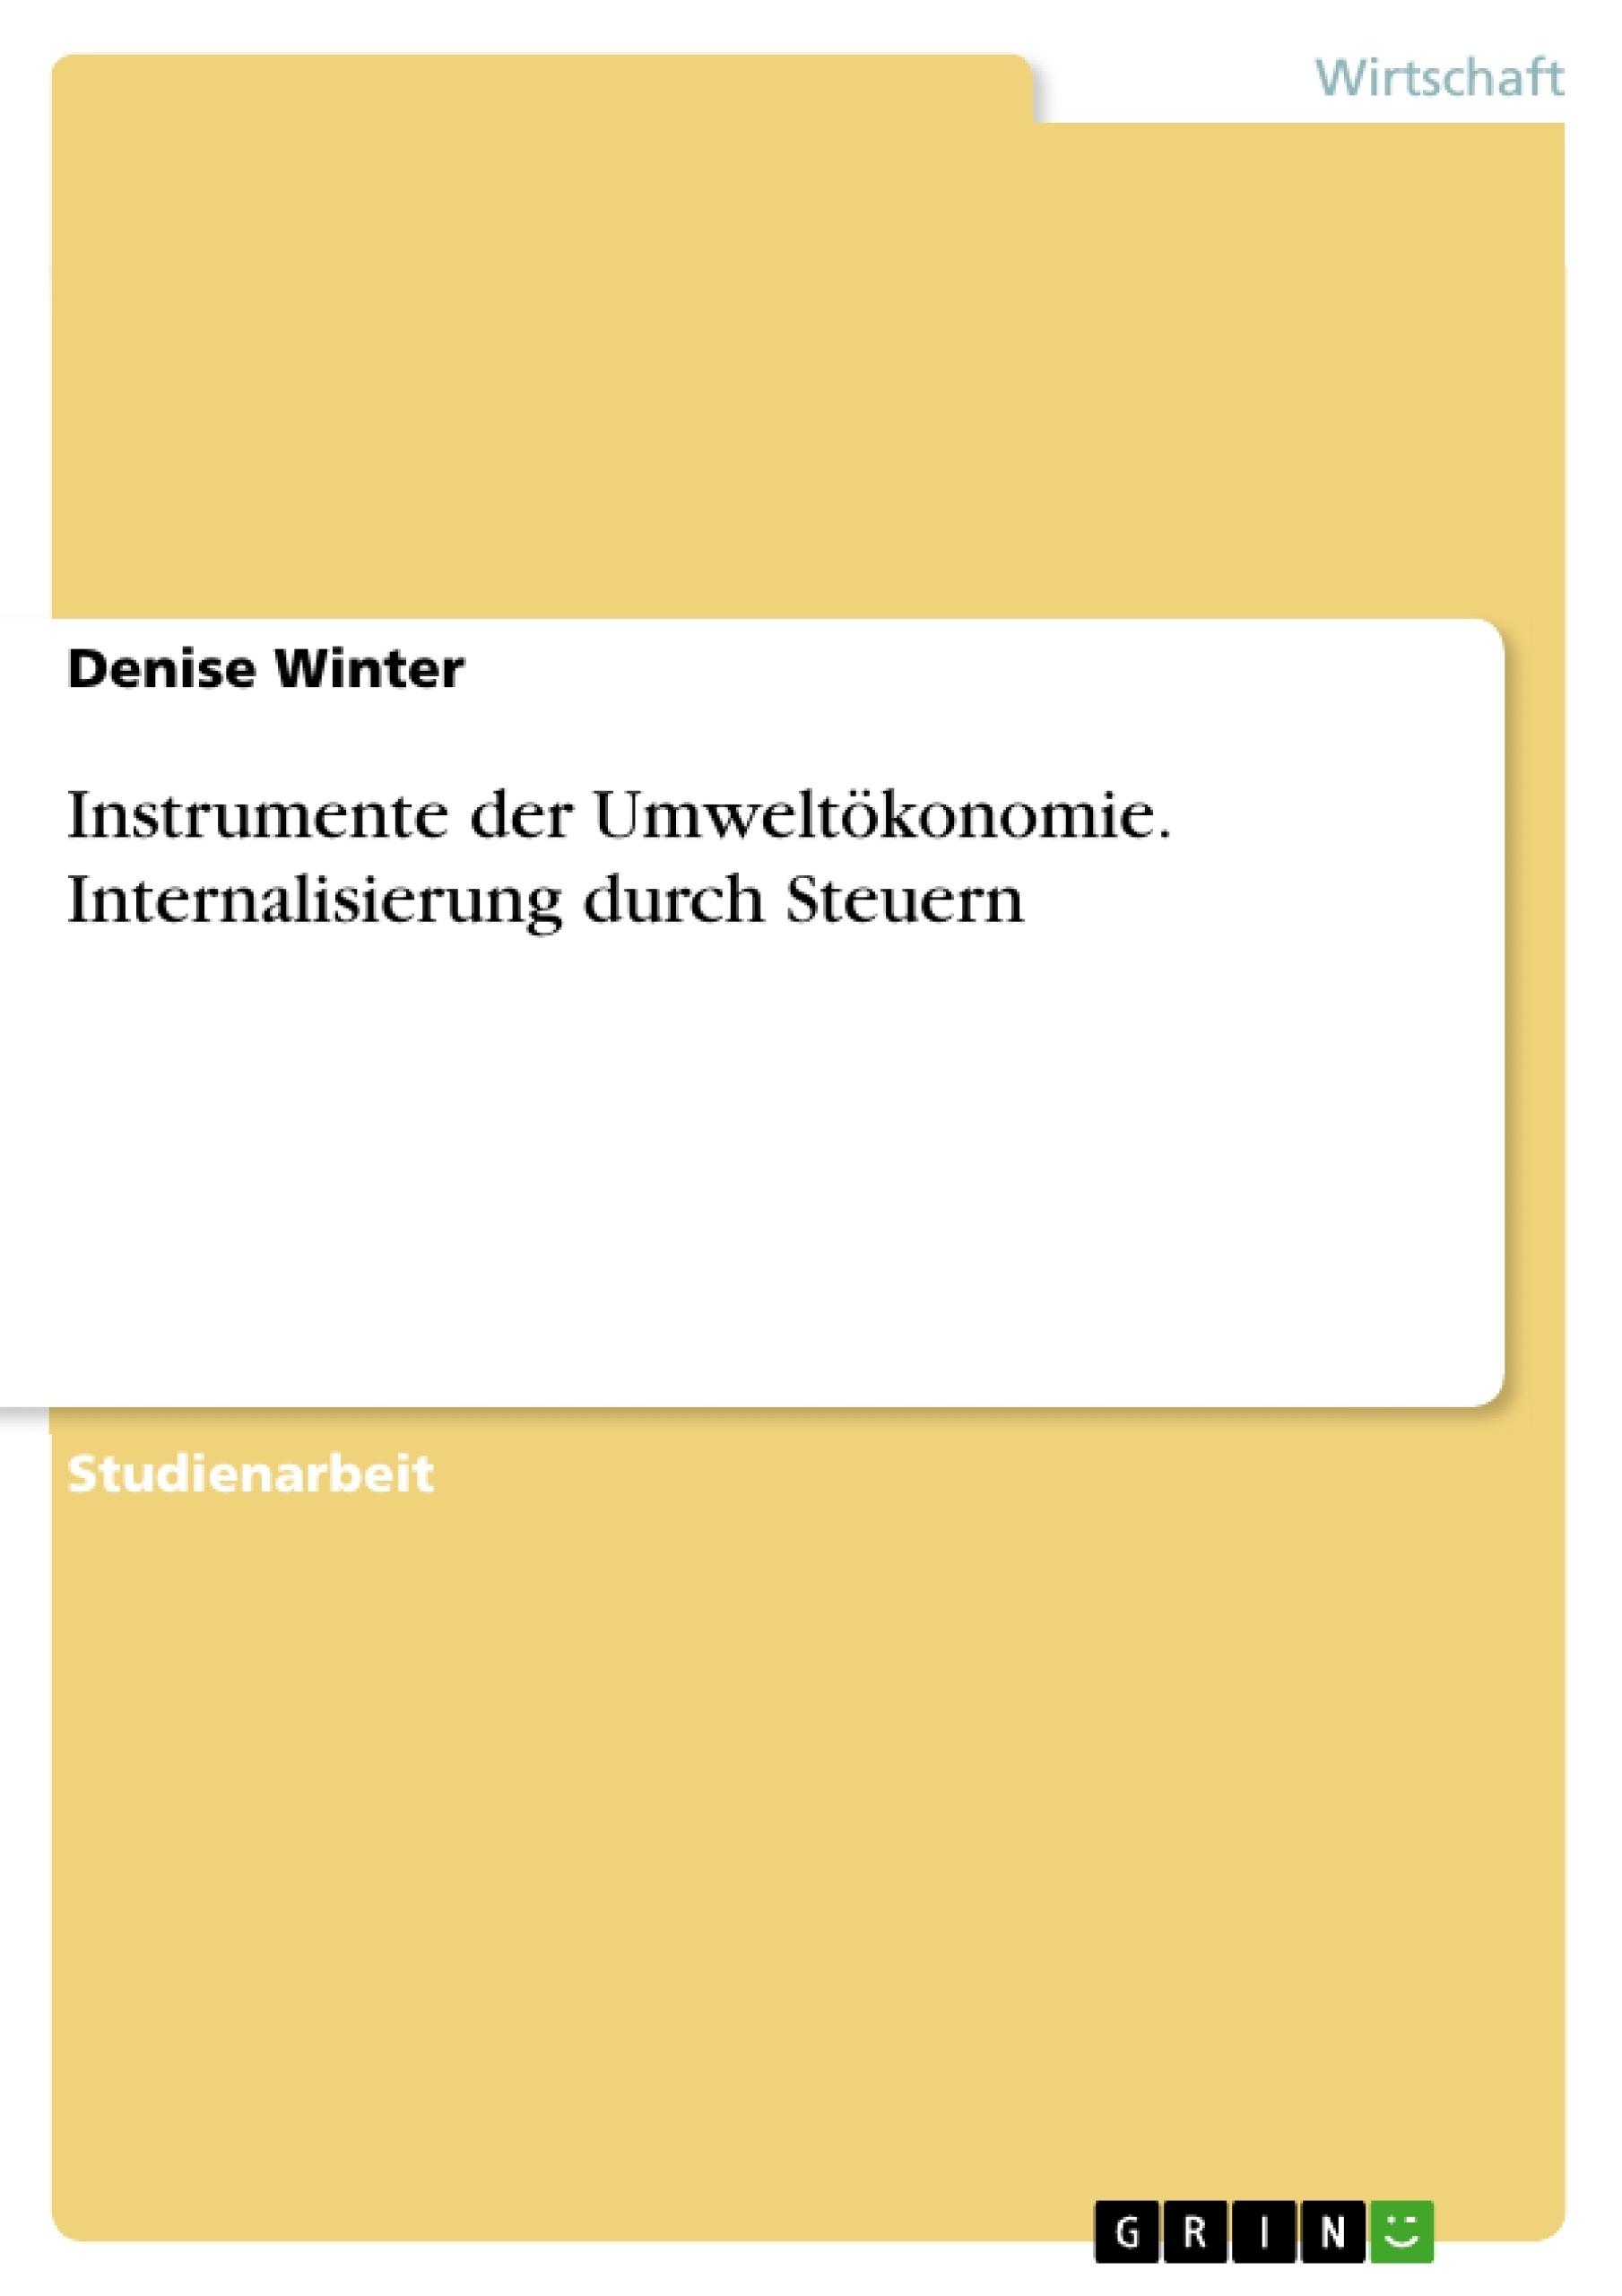 Titel: Instrumente der Umweltökonomie. Internalisierung durch Steuern